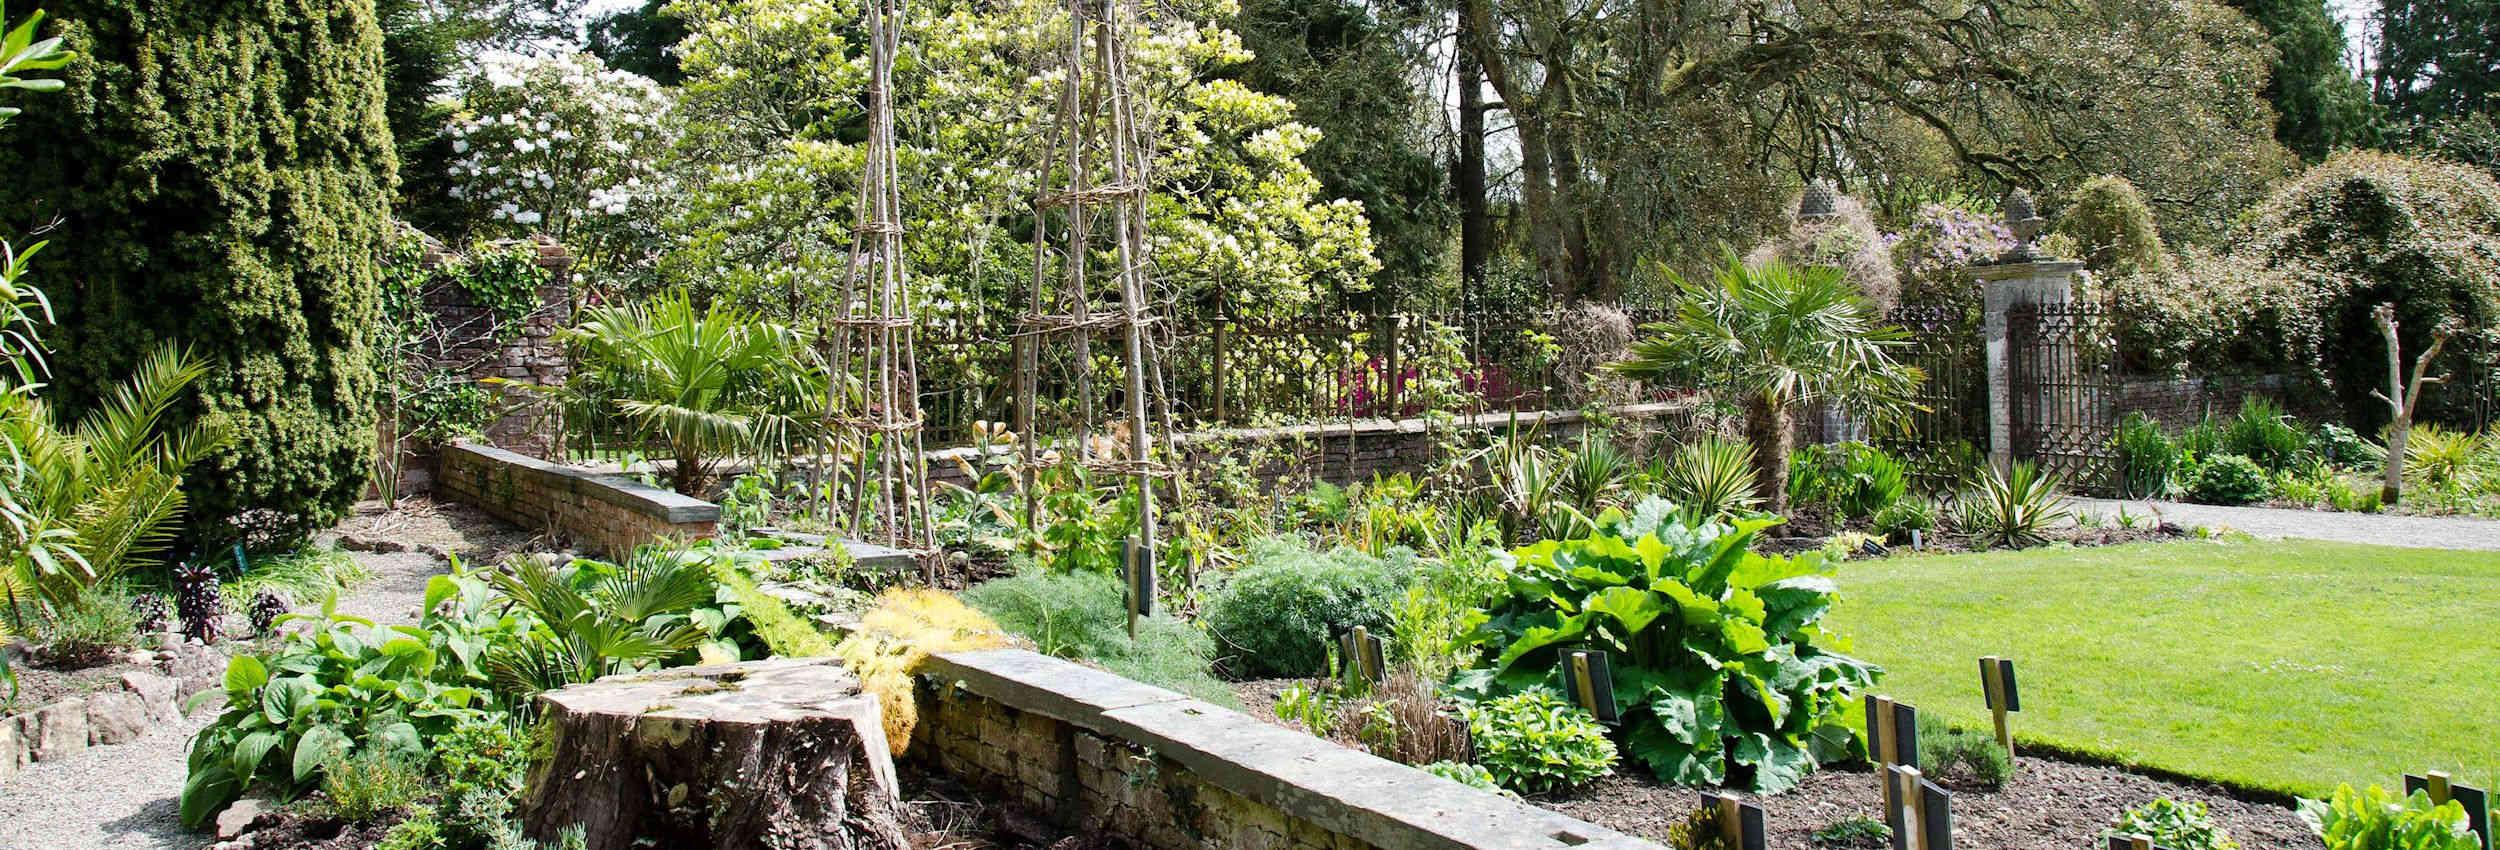 walled-garden-banner-04